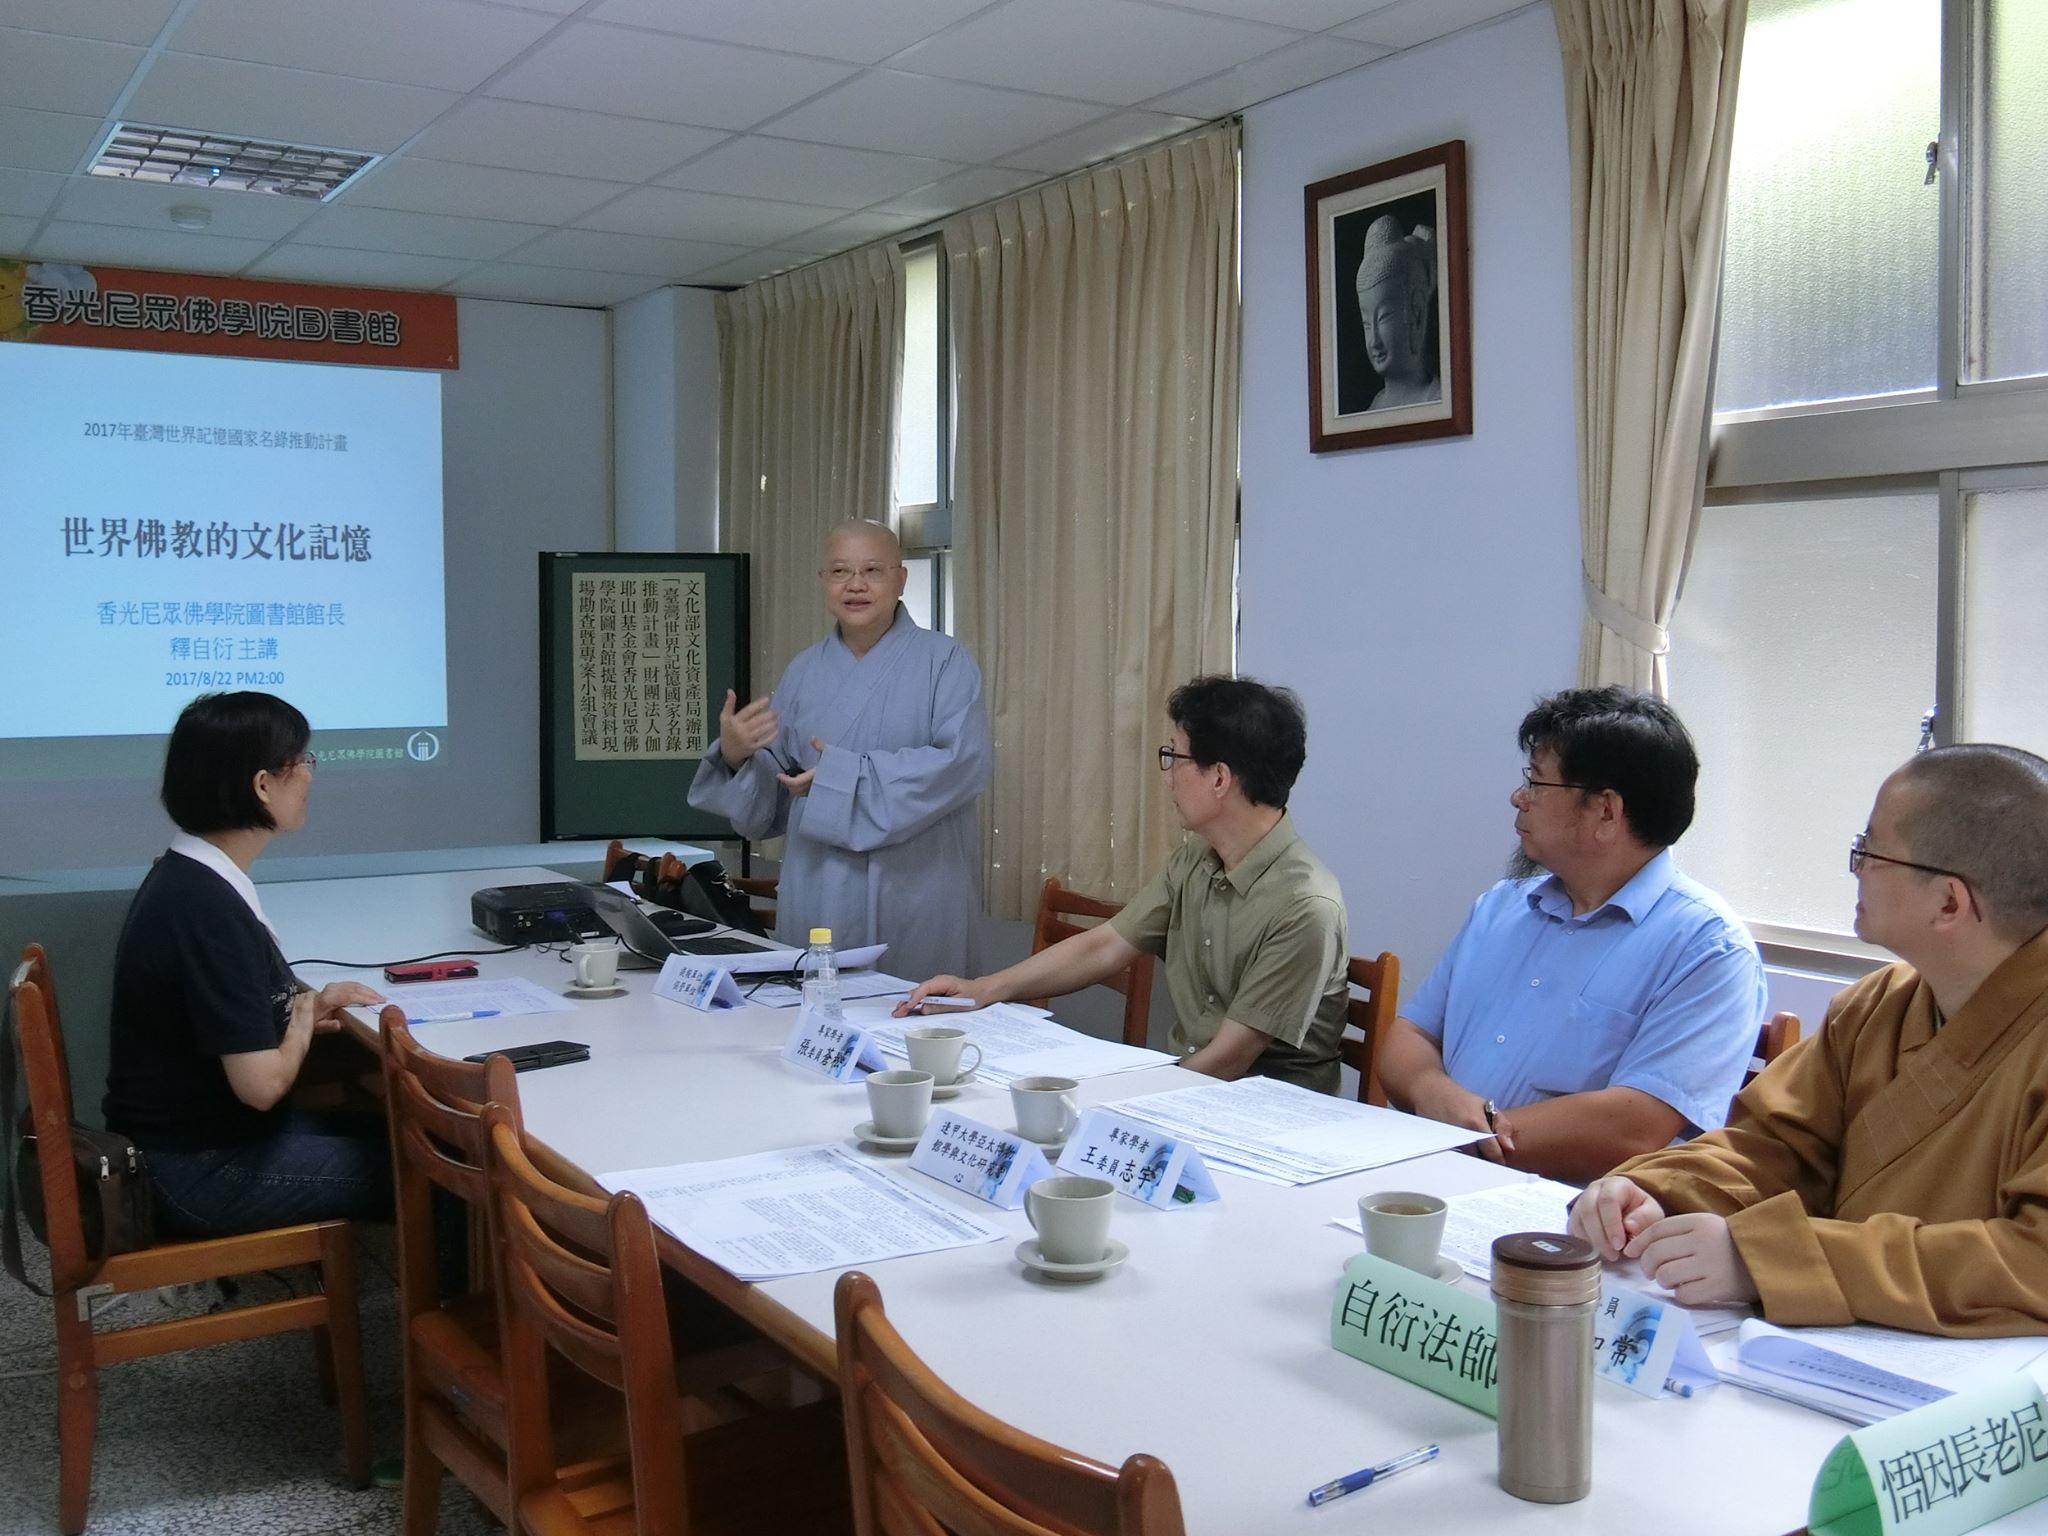 香光尼眾佛學院圖書館館長自衍法師簡報典藏的意義與數位化的方式等內容。